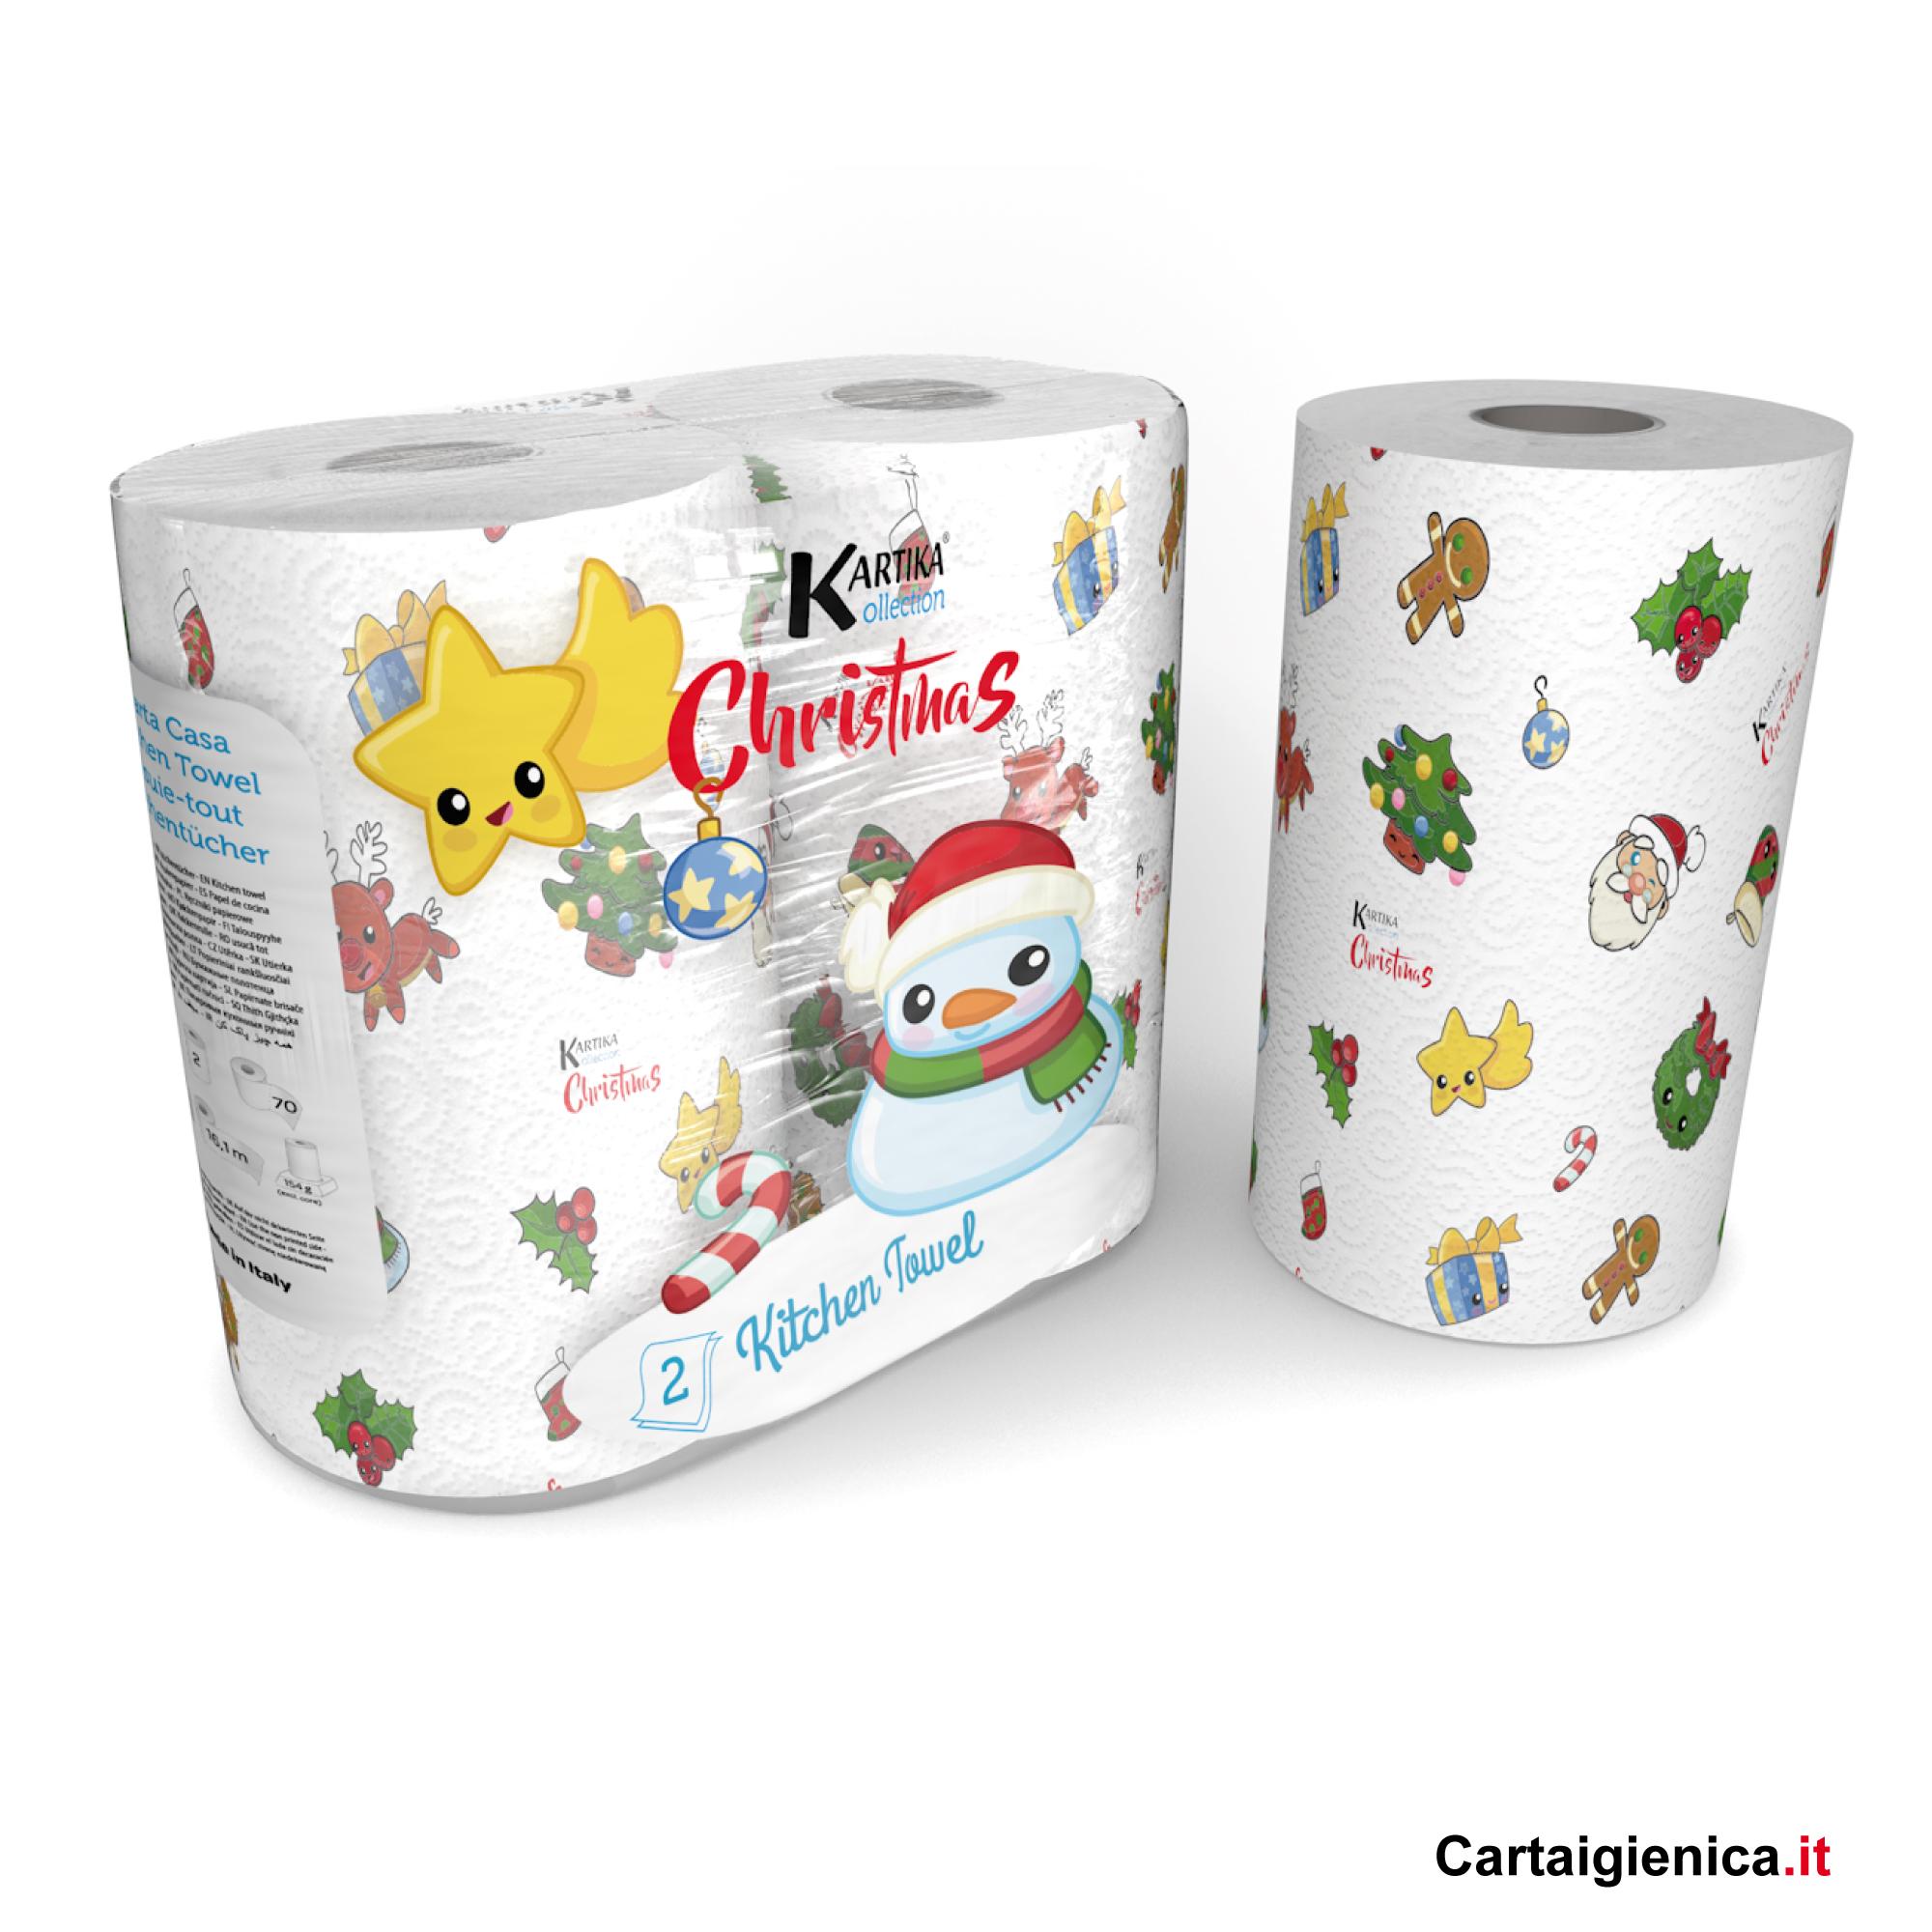 carta cucina natale christmas kartika style colorata idea regalo 2 rotoli